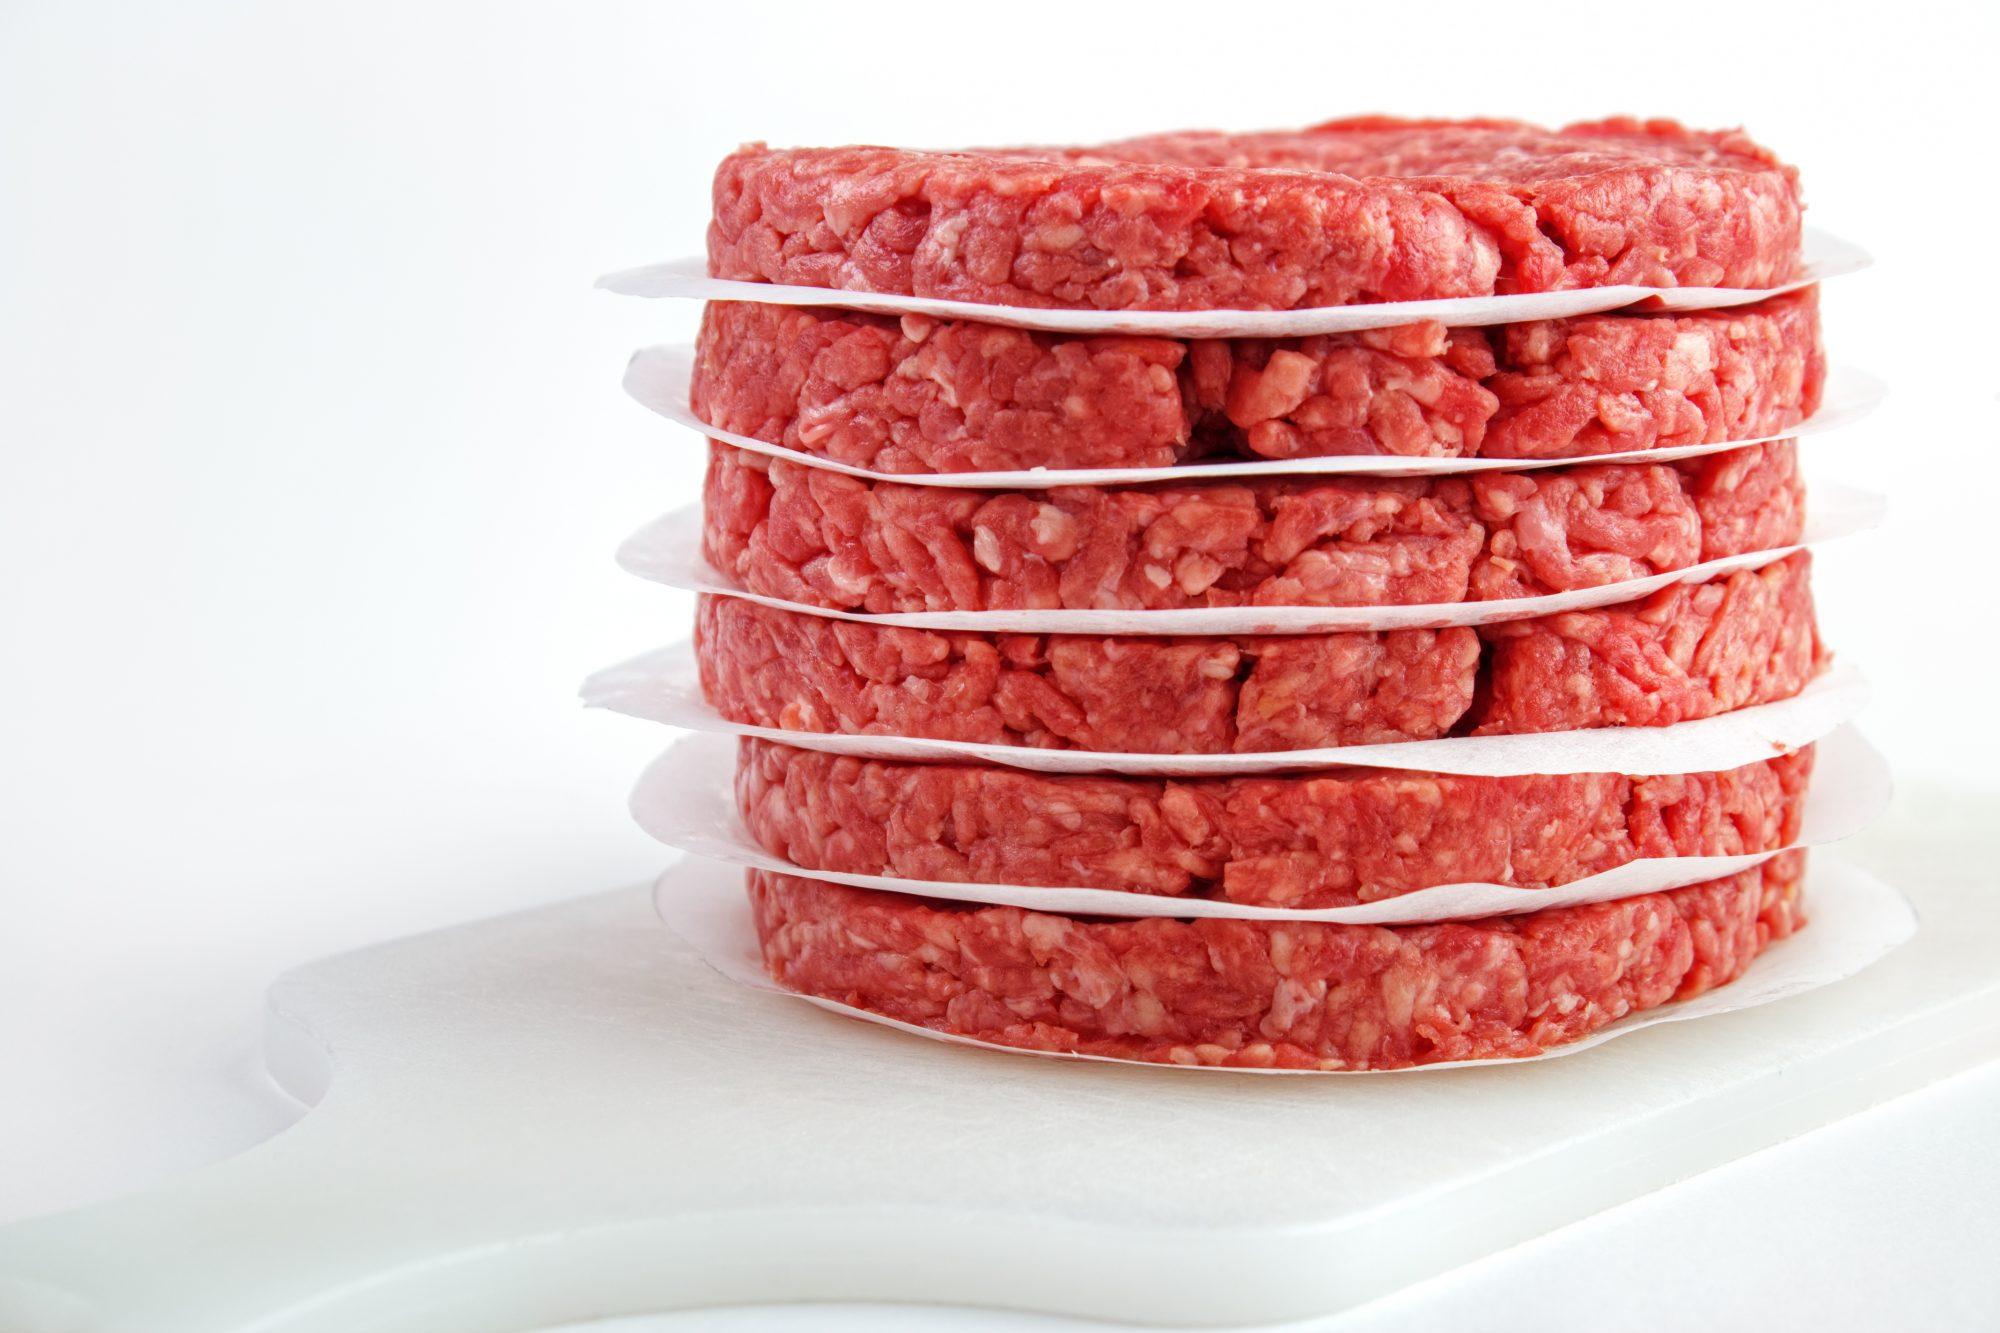 Raw hamburger patties Getty 7/15/20